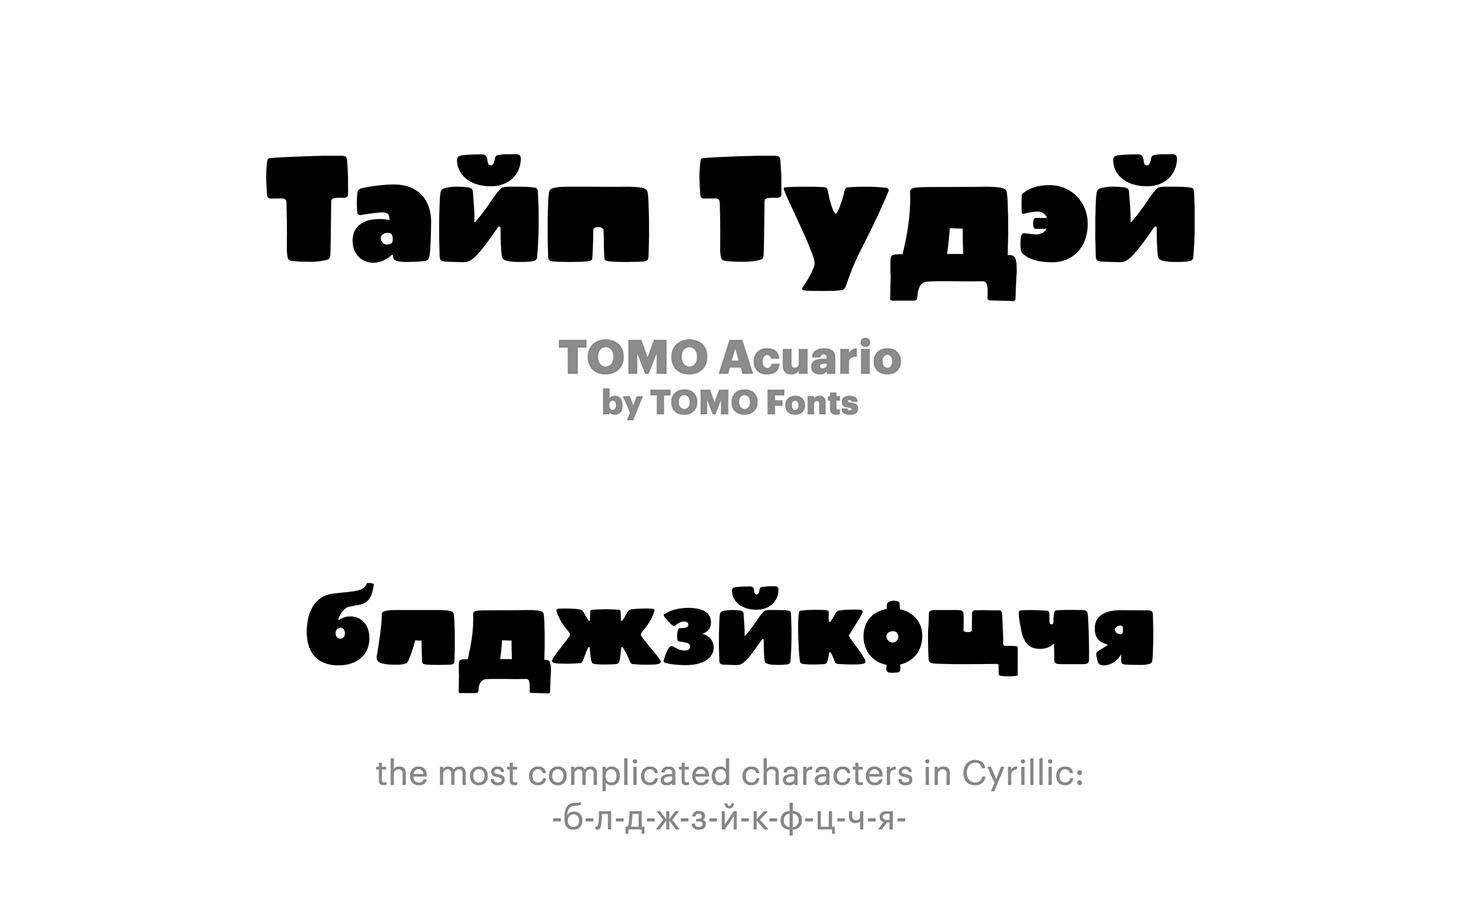 TOMO-Acuario